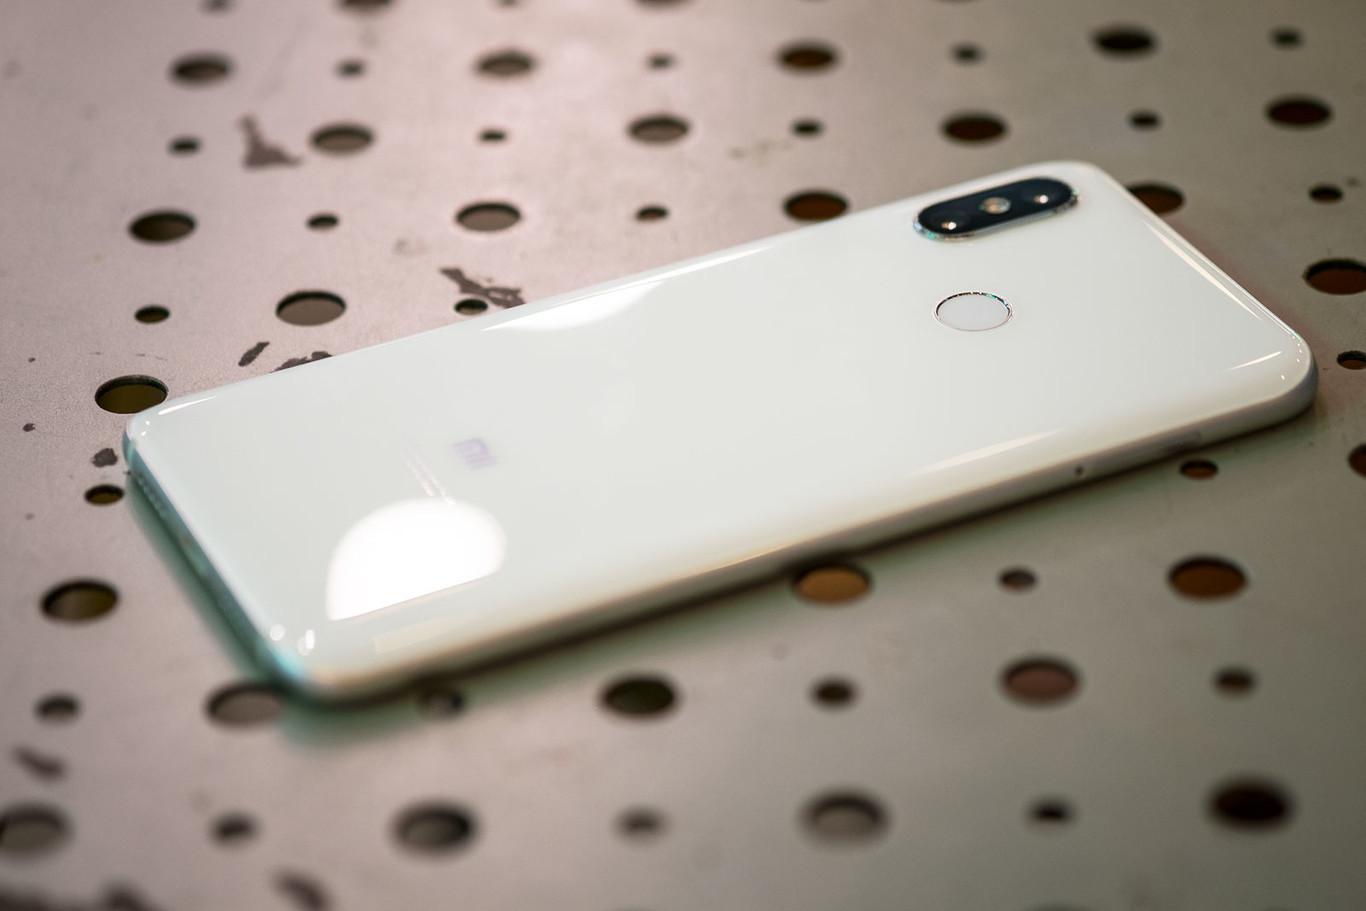 Cazando Gangas: la primera edición de 2019 incluye el Samsung Galaxy Note 9, Xiaomi Mi 8 y más